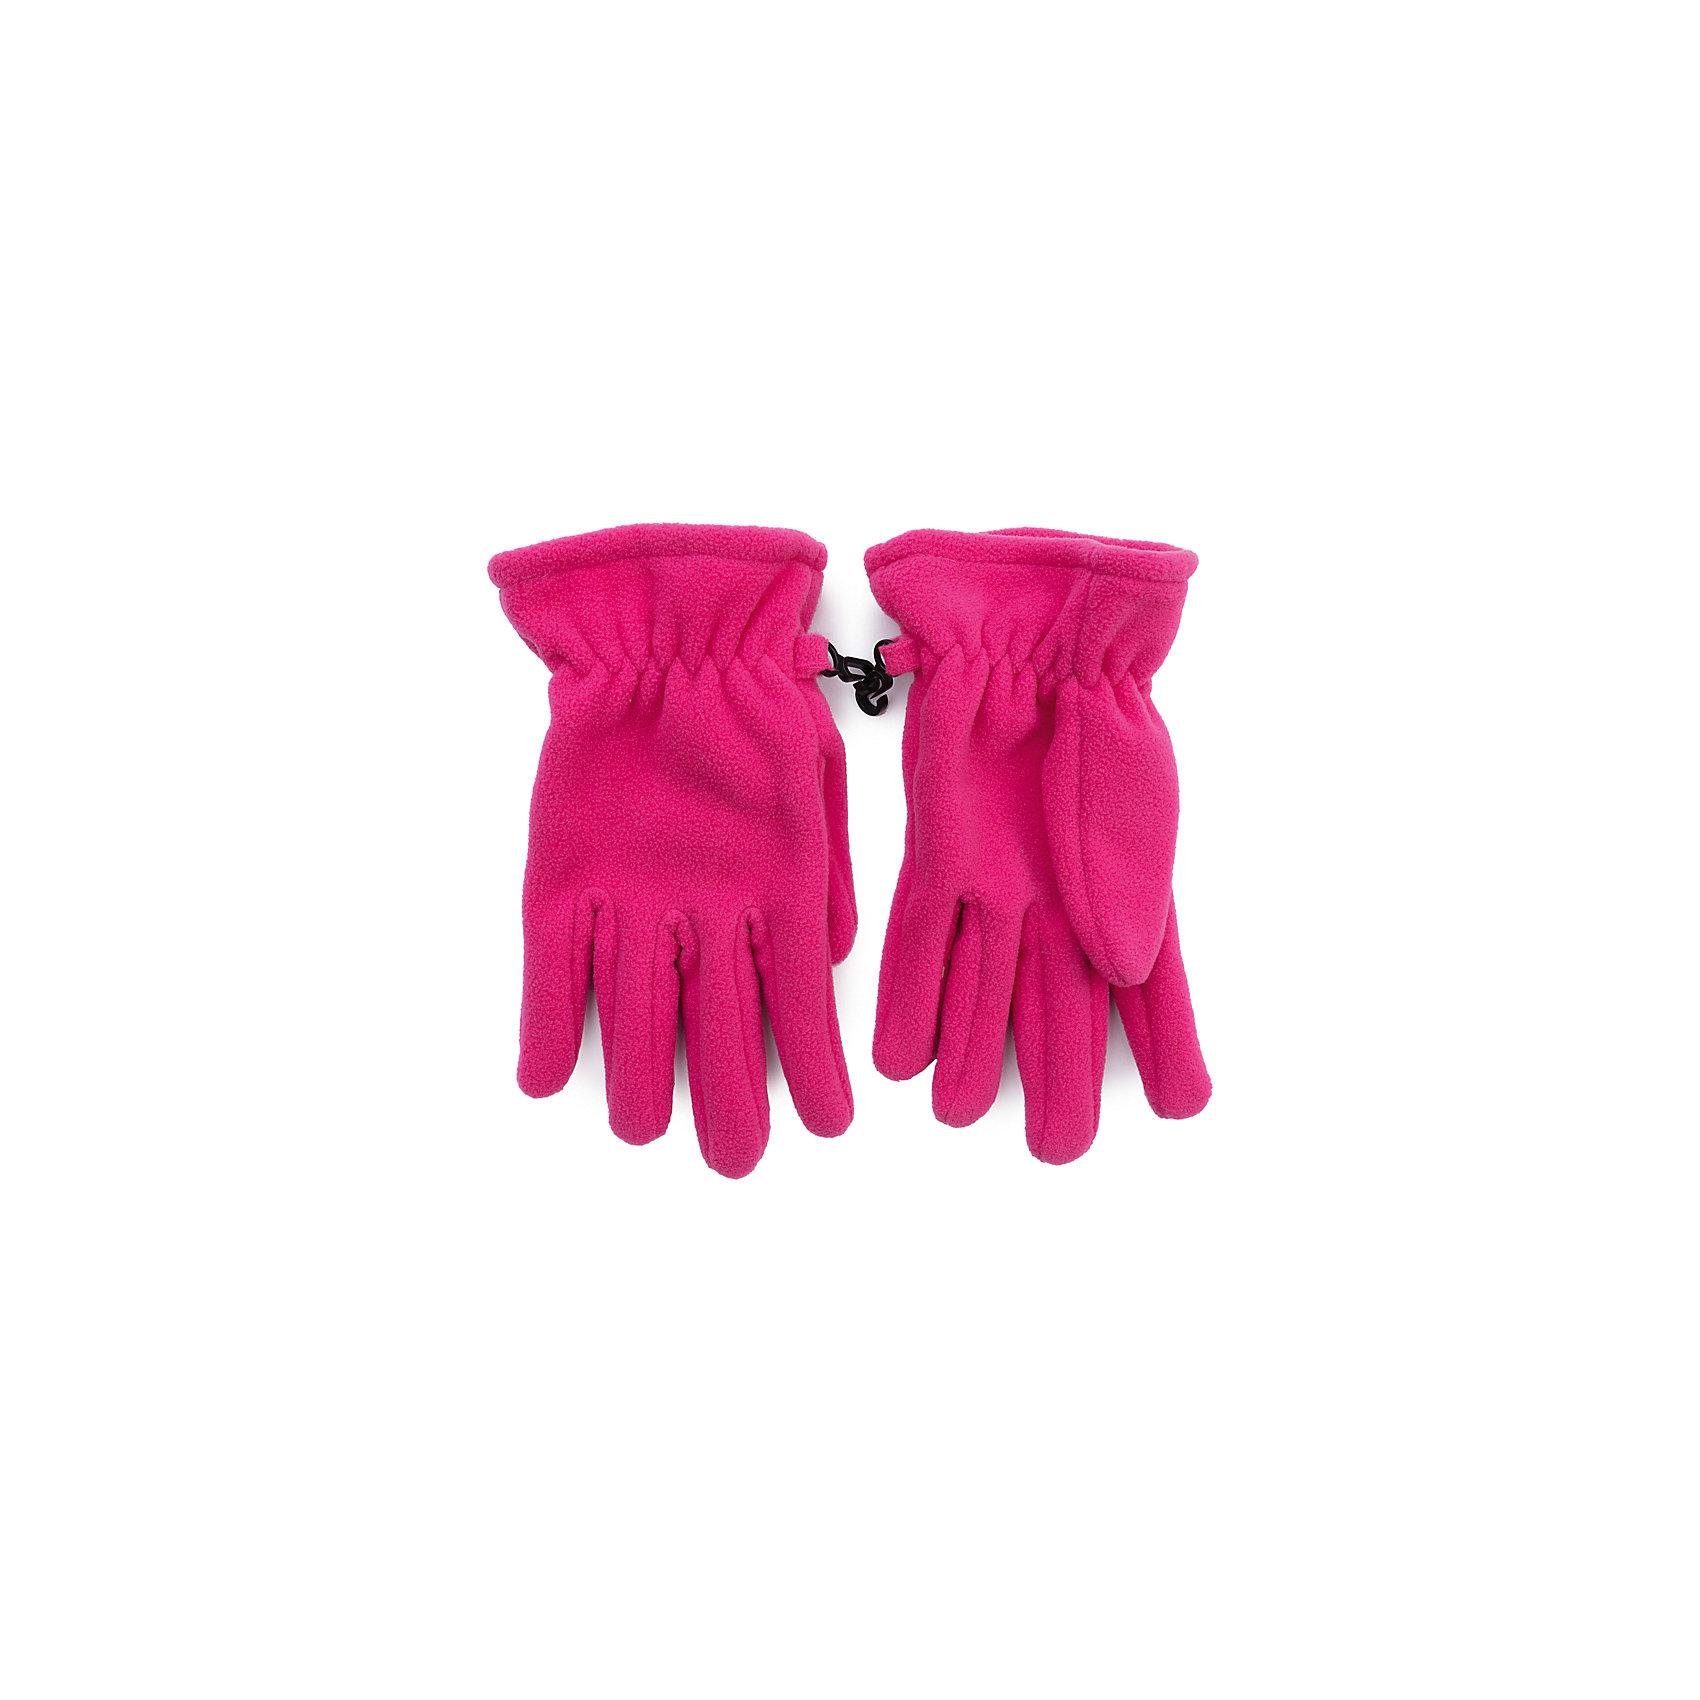 Перчатки PlayToday для девочкиПерчатки, варежки<br>Перчатки PlayToday для девочки<br>Перчатки из теплого флиса - отличное решение для прогулок в холодную погоды. Запястья модели с резинкой для дополнительного сохранения тепла. Перчатки дополнены специальными крючками, при необходимости их можно скрепить между собой или пристегнуть к куртке.<br>Состав:<br>100% полиэстер<br><br>Ширина мм: 162<br>Глубина мм: 171<br>Высота мм: 55<br>Вес г: 119<br>Цвет: розовый<br>Возраст от месяцев: 48<br>Возраст до месяцев: 60<br>Пол: Женский<br>Возраст: Детский<br>Размер: 2,3,4<br>SKU: 7106418